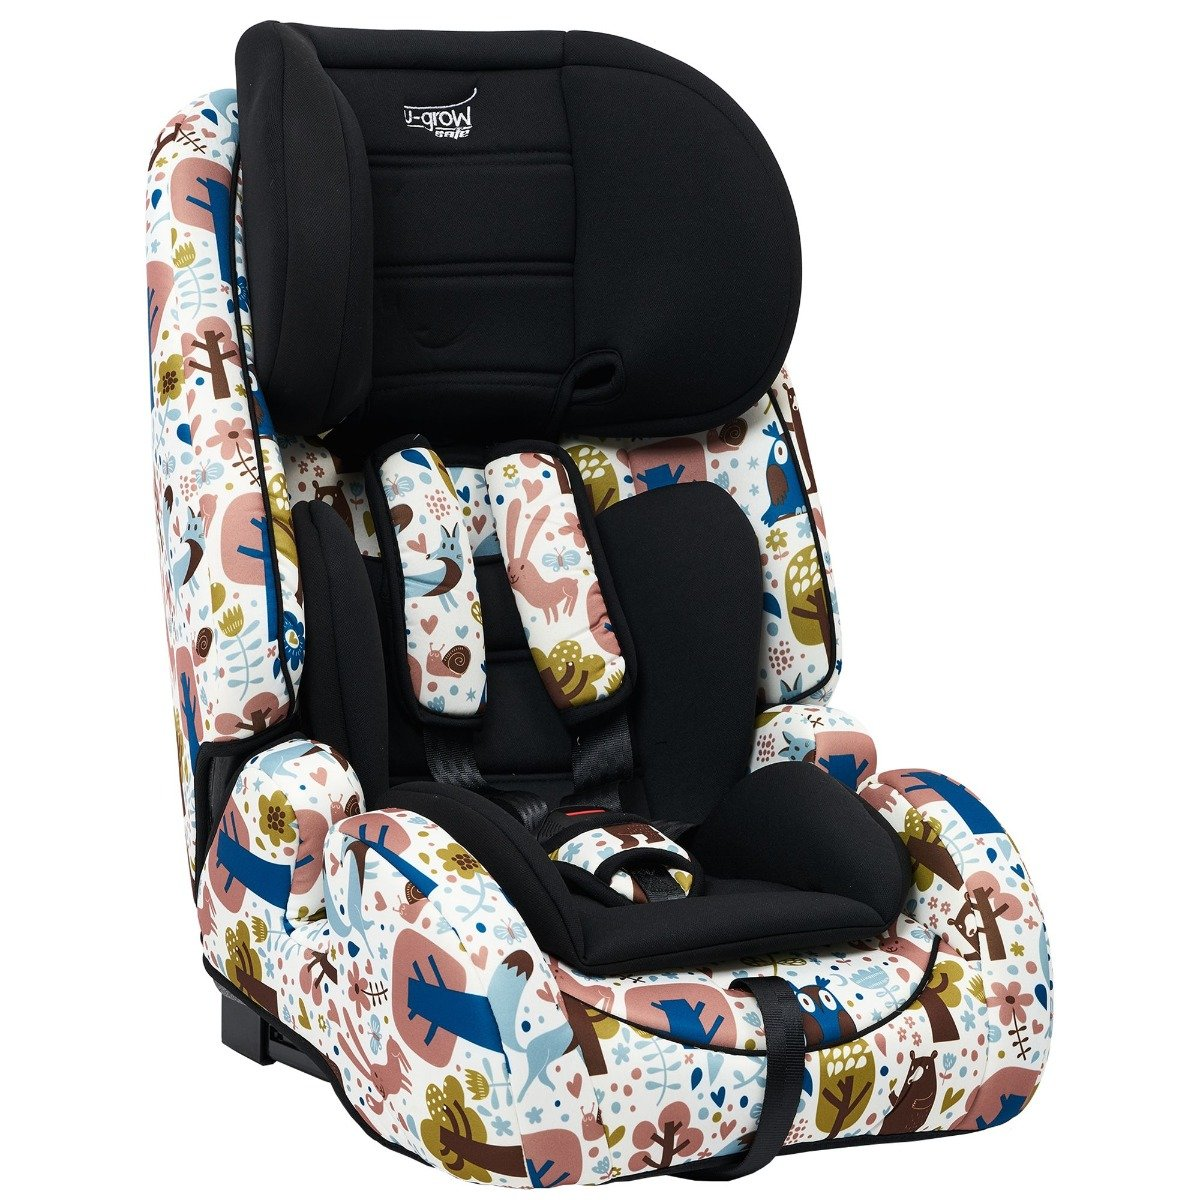 Scaun auto copii U-Grow U708-FRS